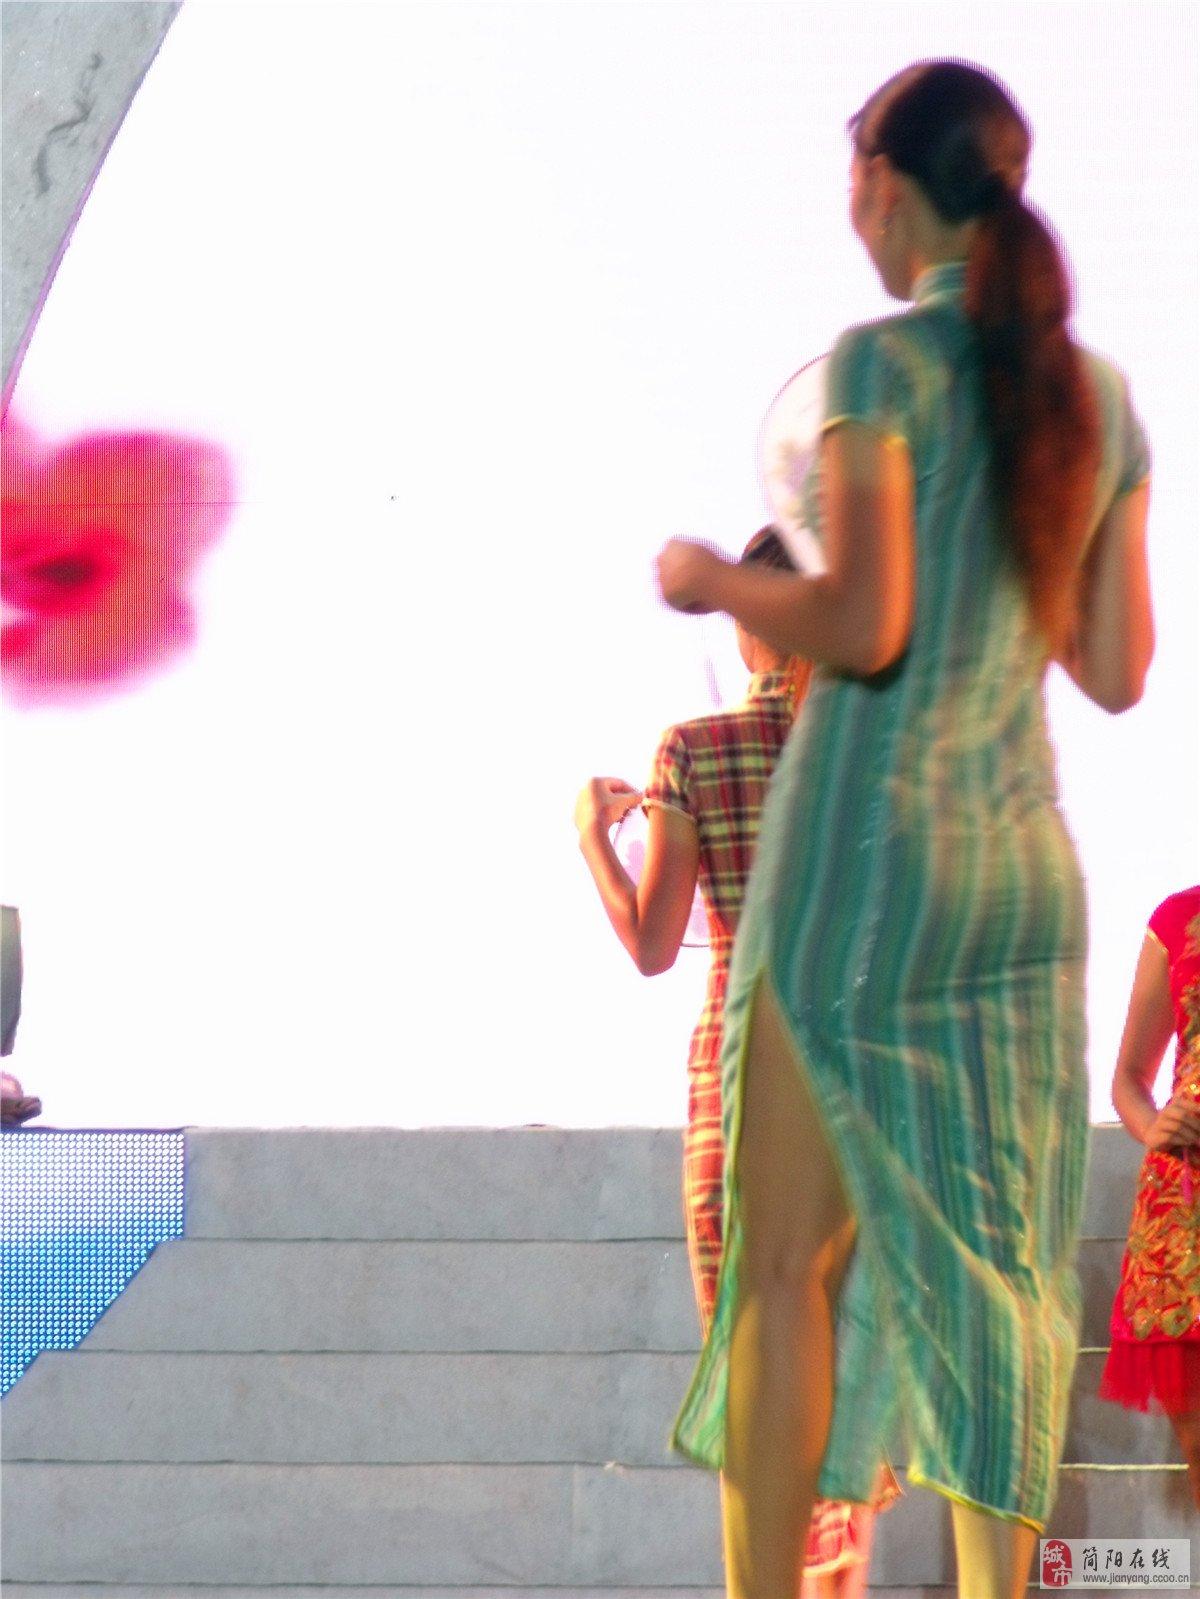 赛总决―――― 旗袍